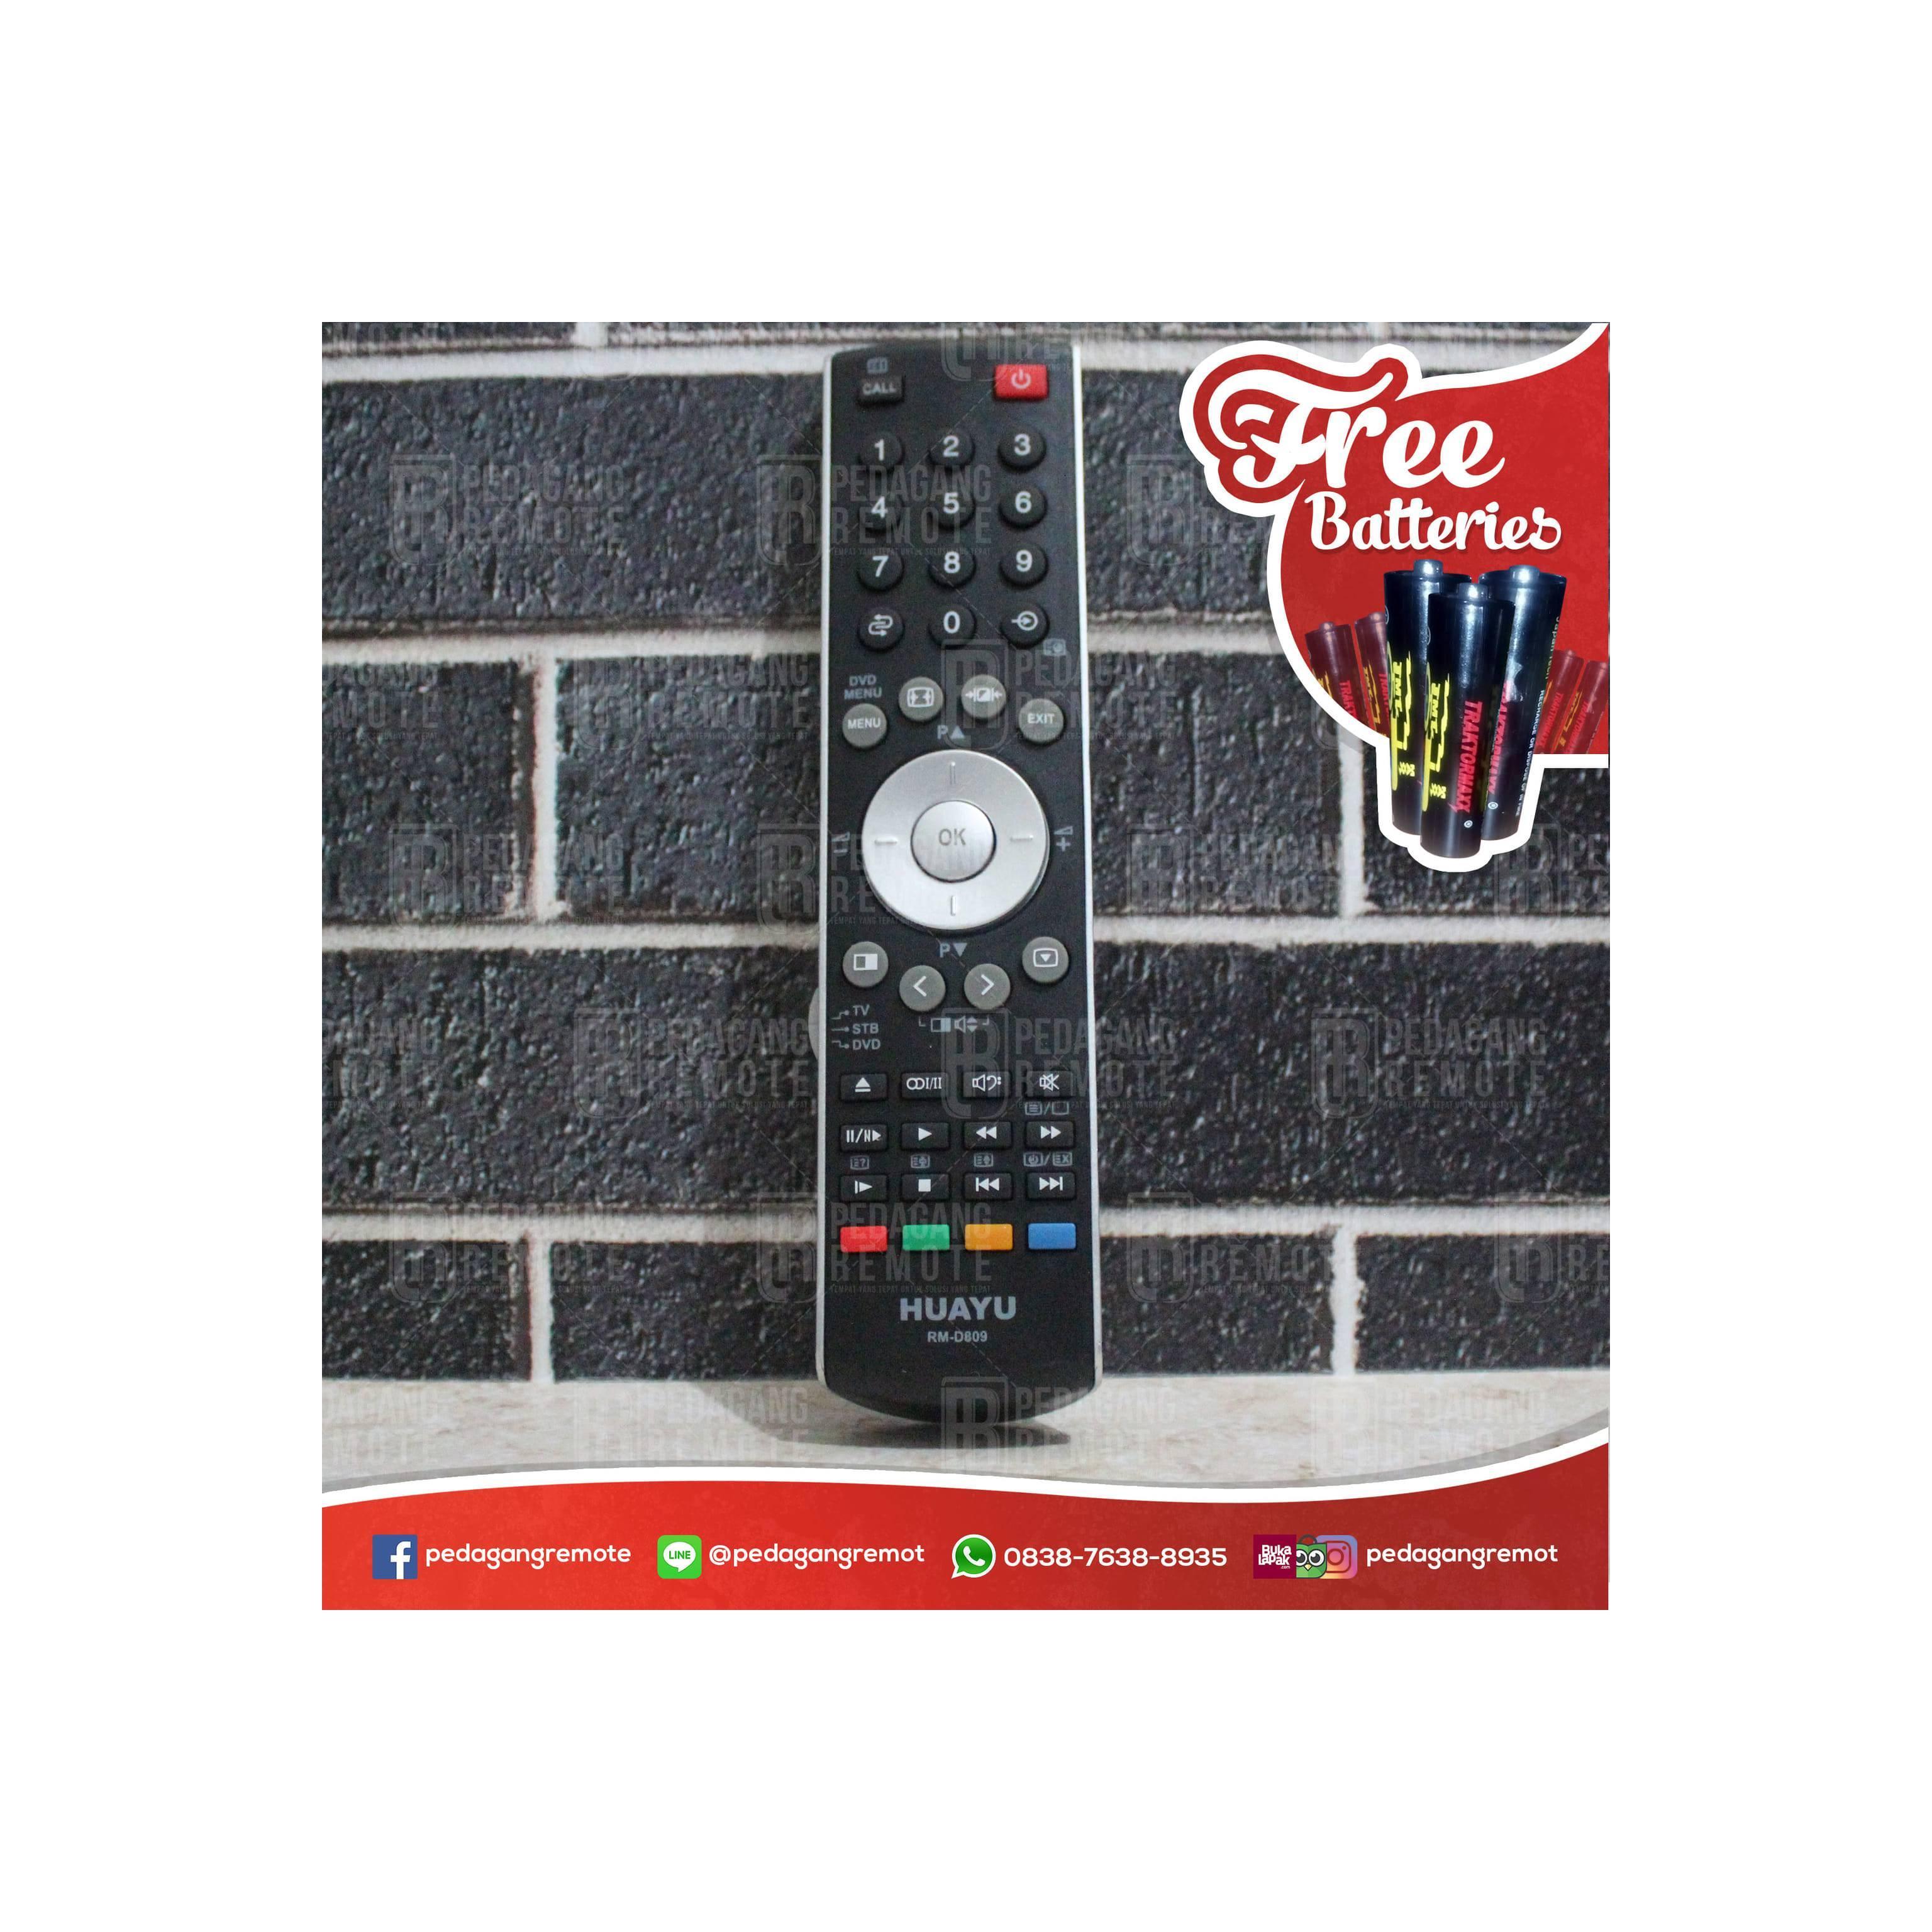 Remot Remote TV Toshiba REGZA LCD LED CT-90126 KW Super